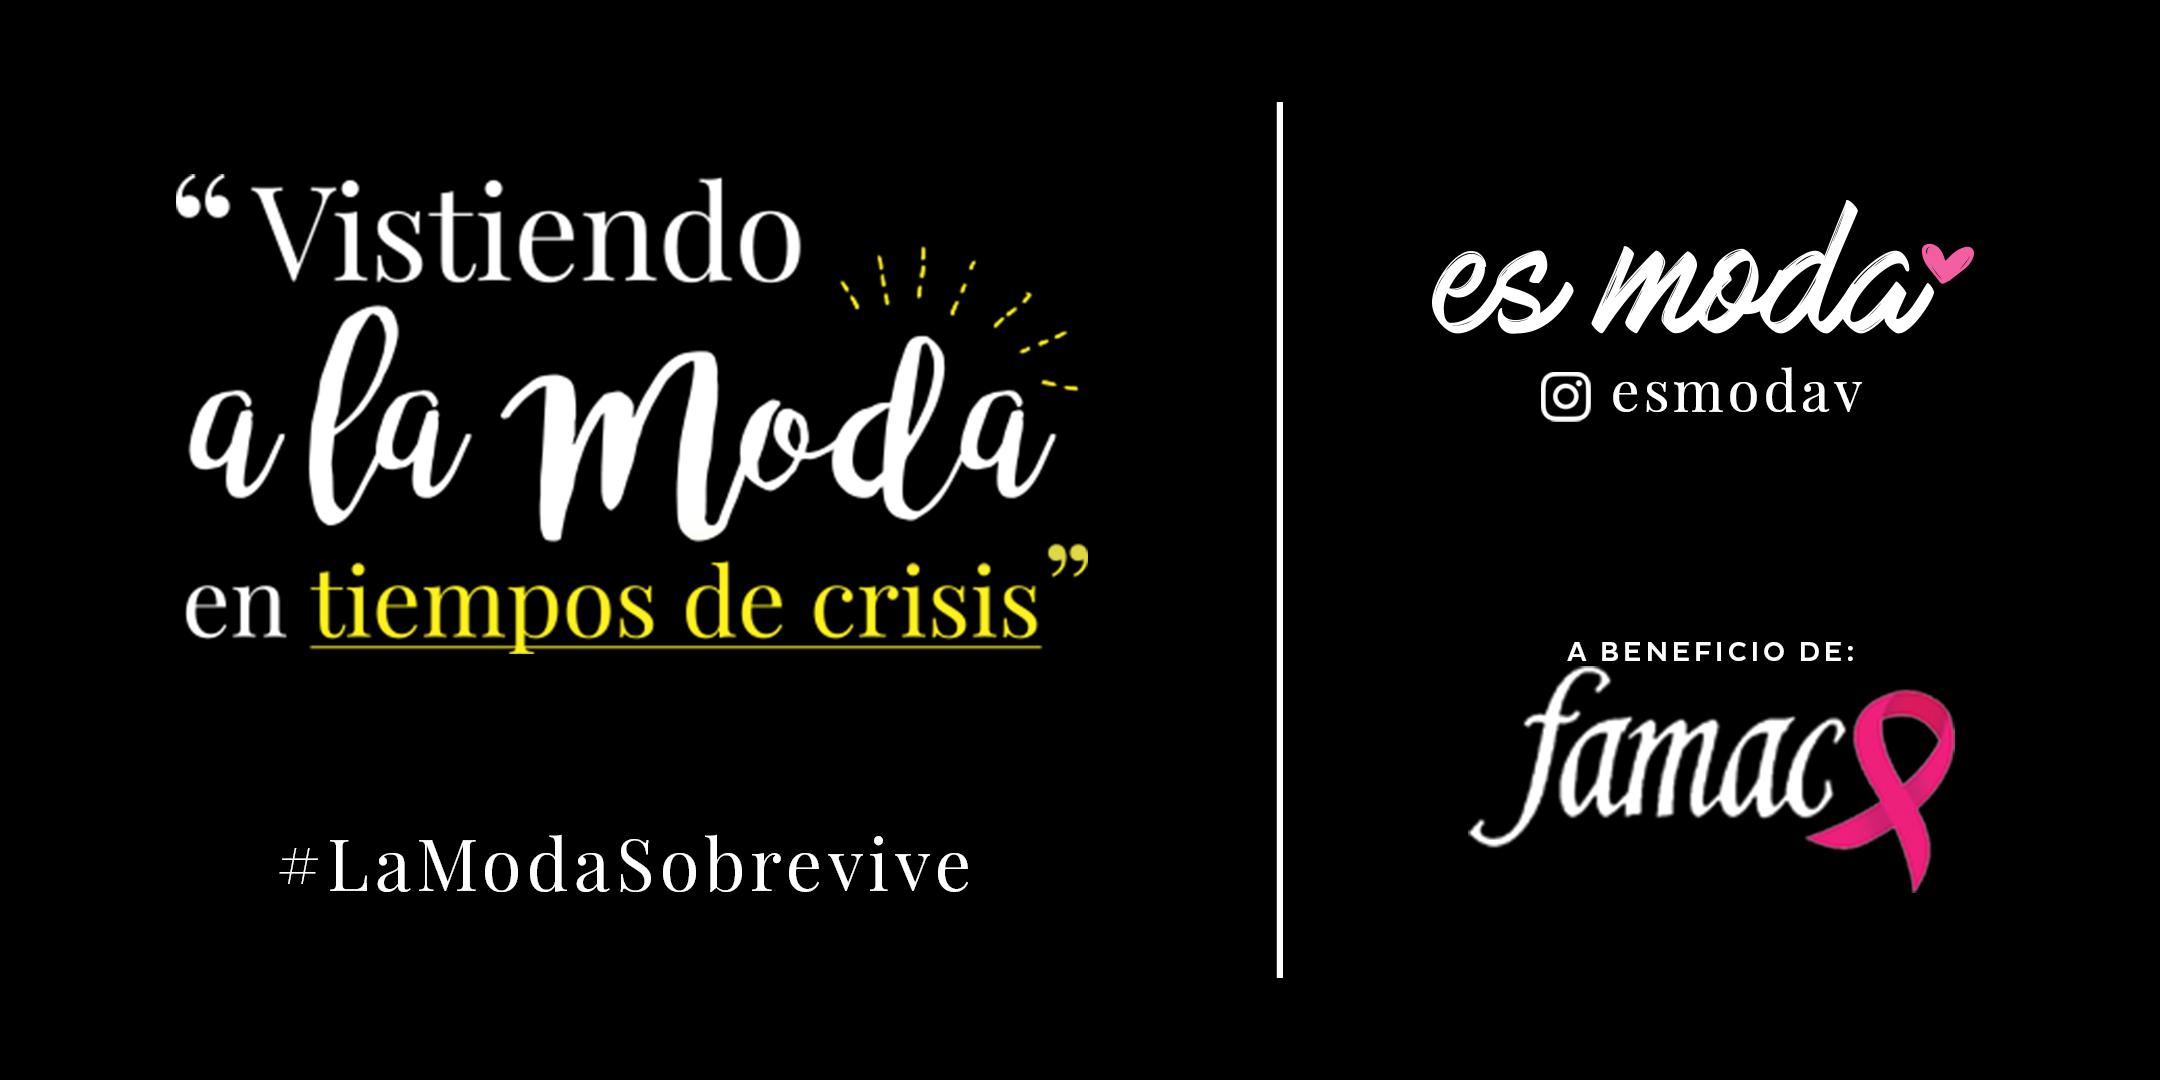 La moda sobrevive - @esmodav